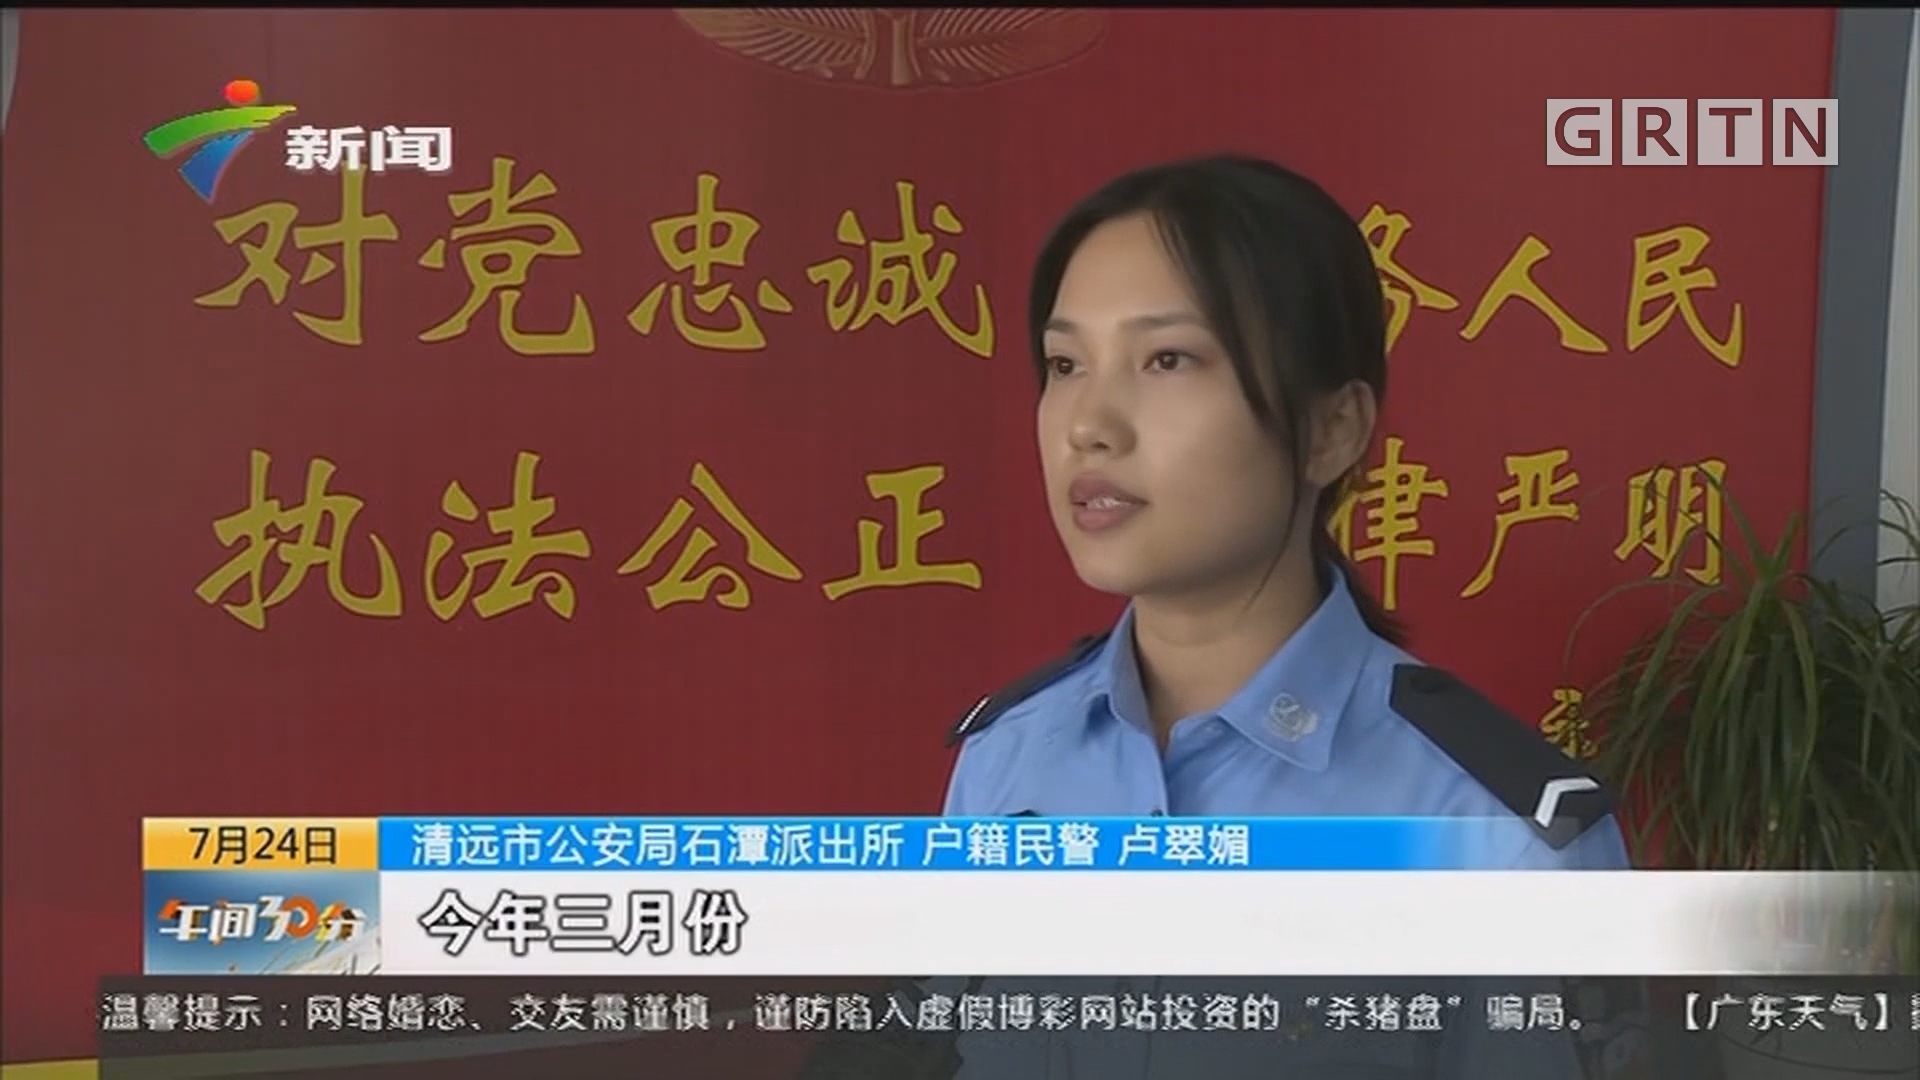 肇庆:14岁女孩失踪 DNA匹配查证找回